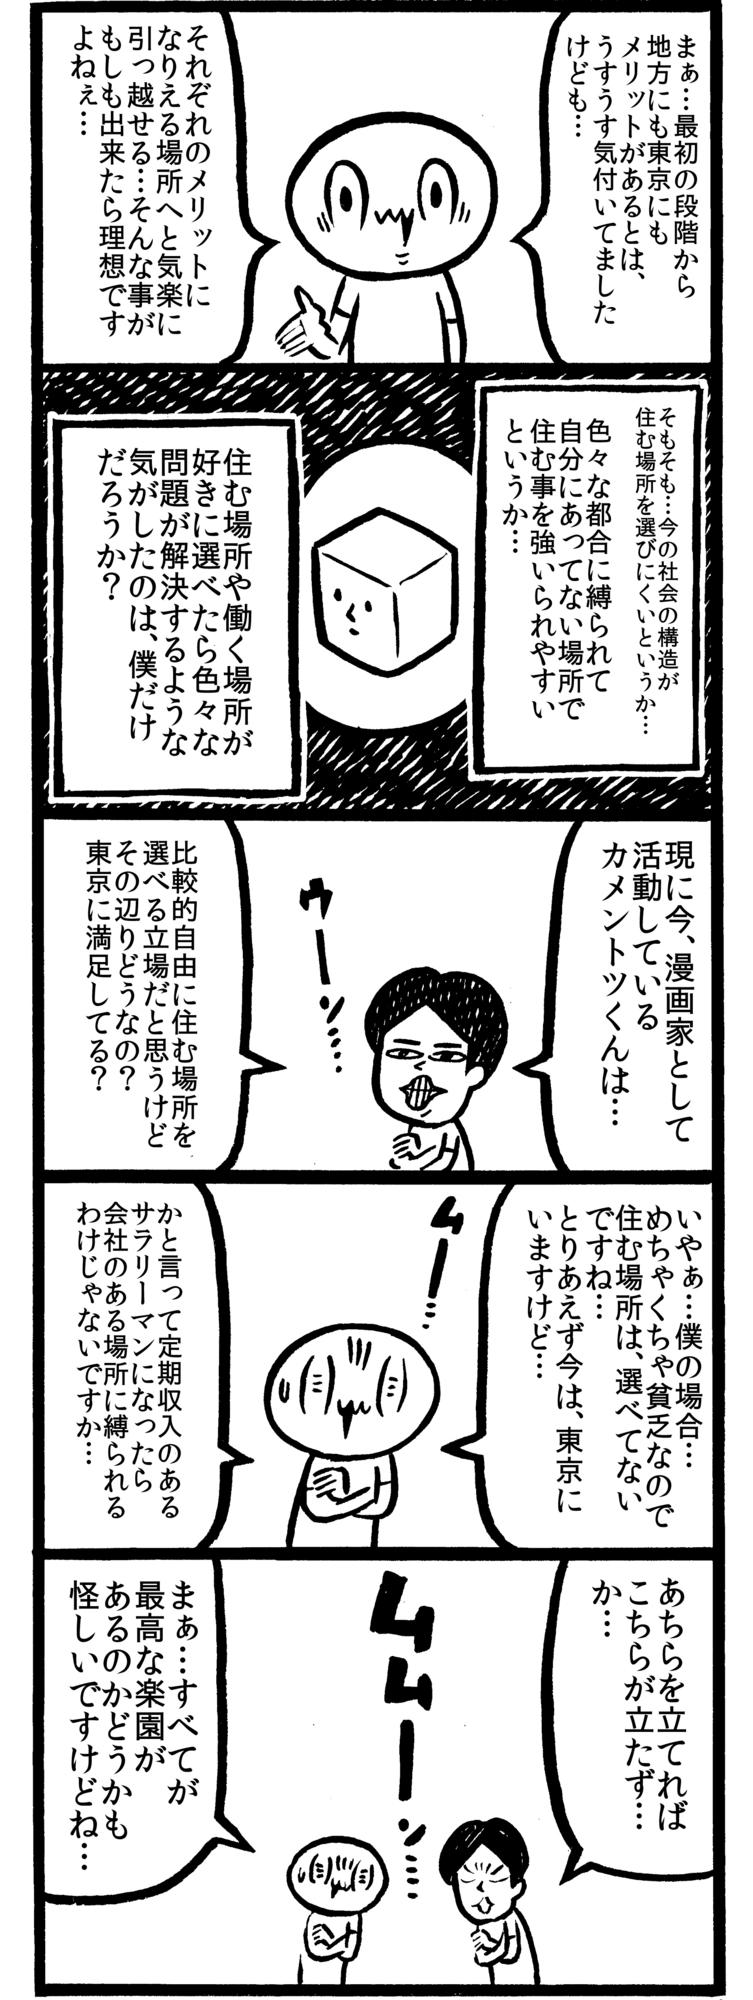 f:id:kakijiro:20160322192425j:plain